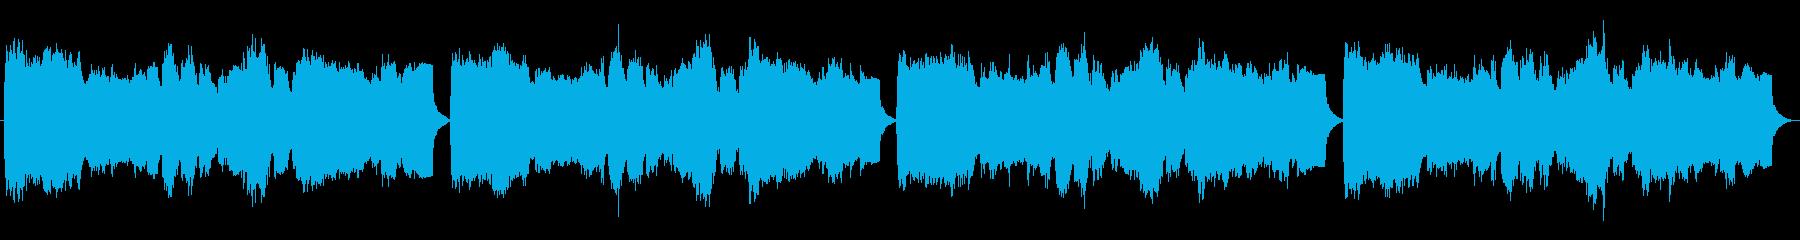 パイプオルガンでG線上のアリア BACHの再生済みの波形